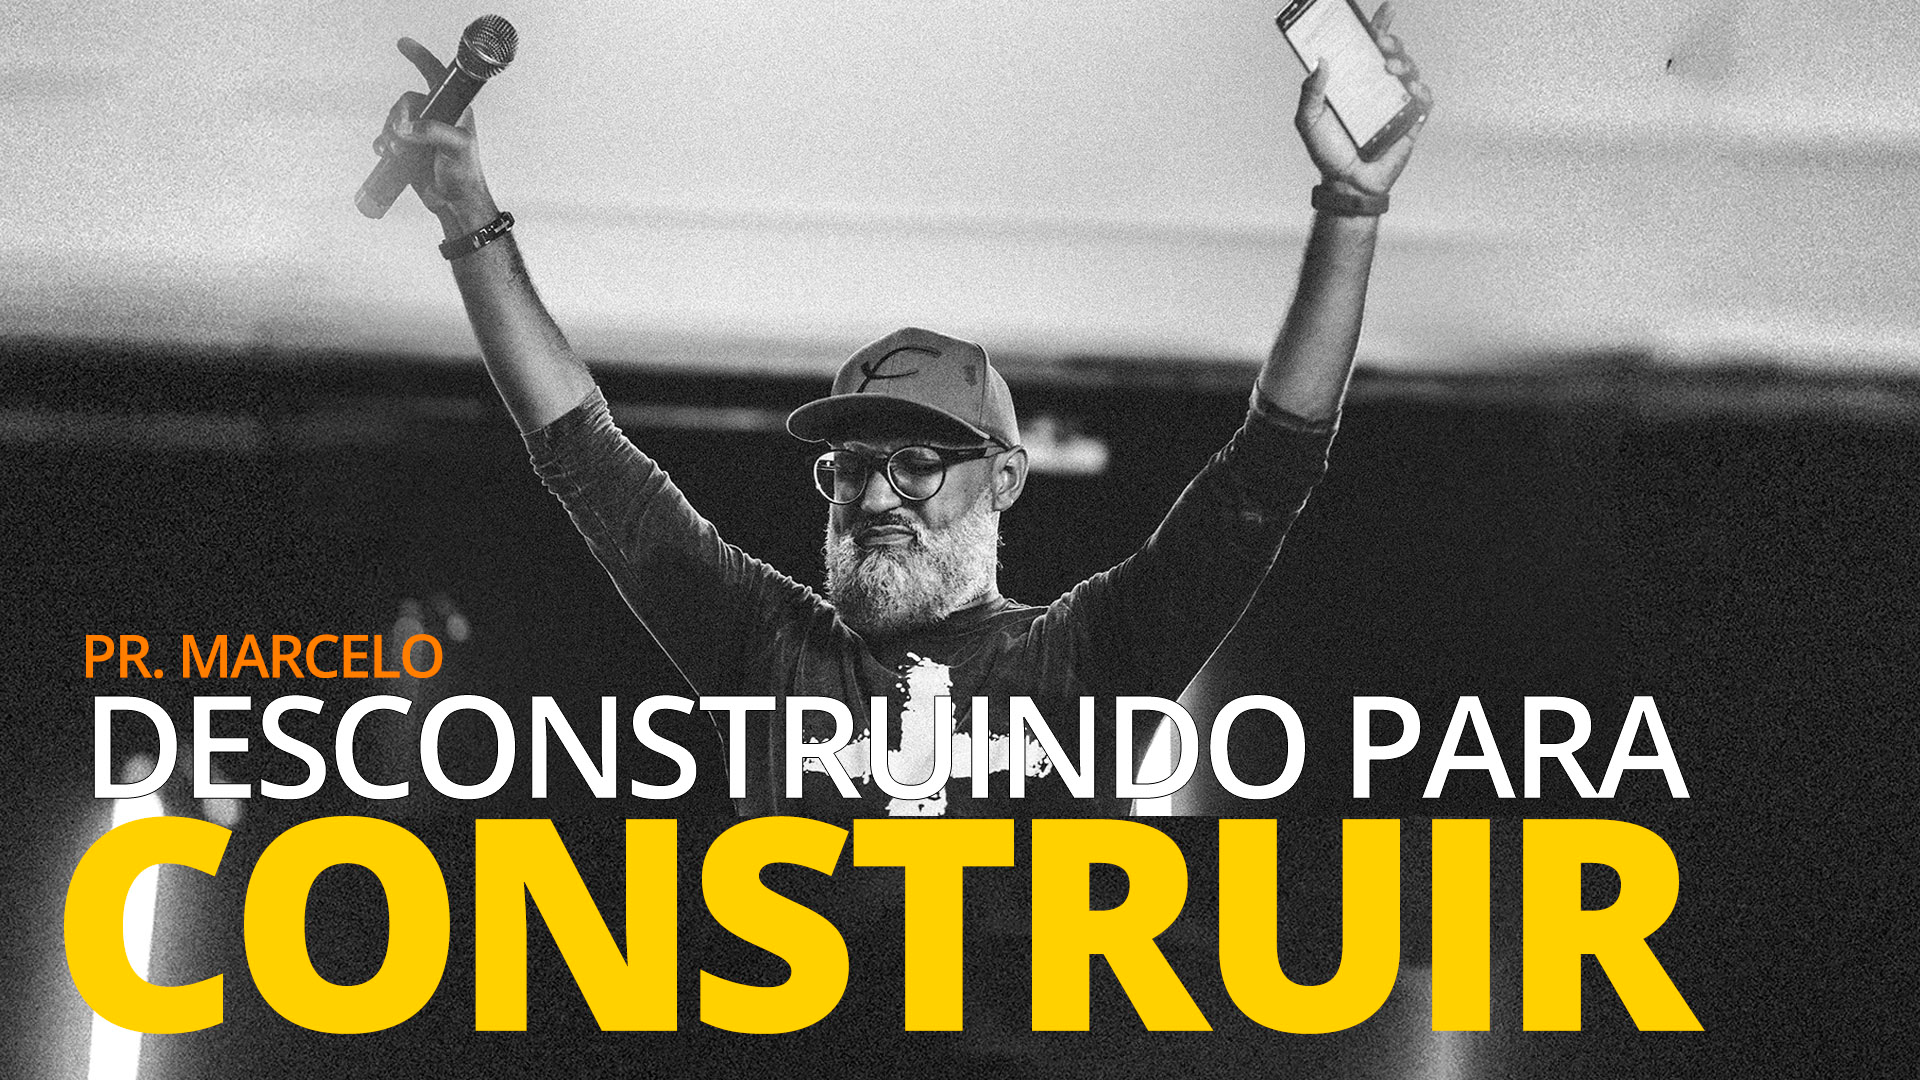 DESCONSTRUINDO PARA CONSTRUIR